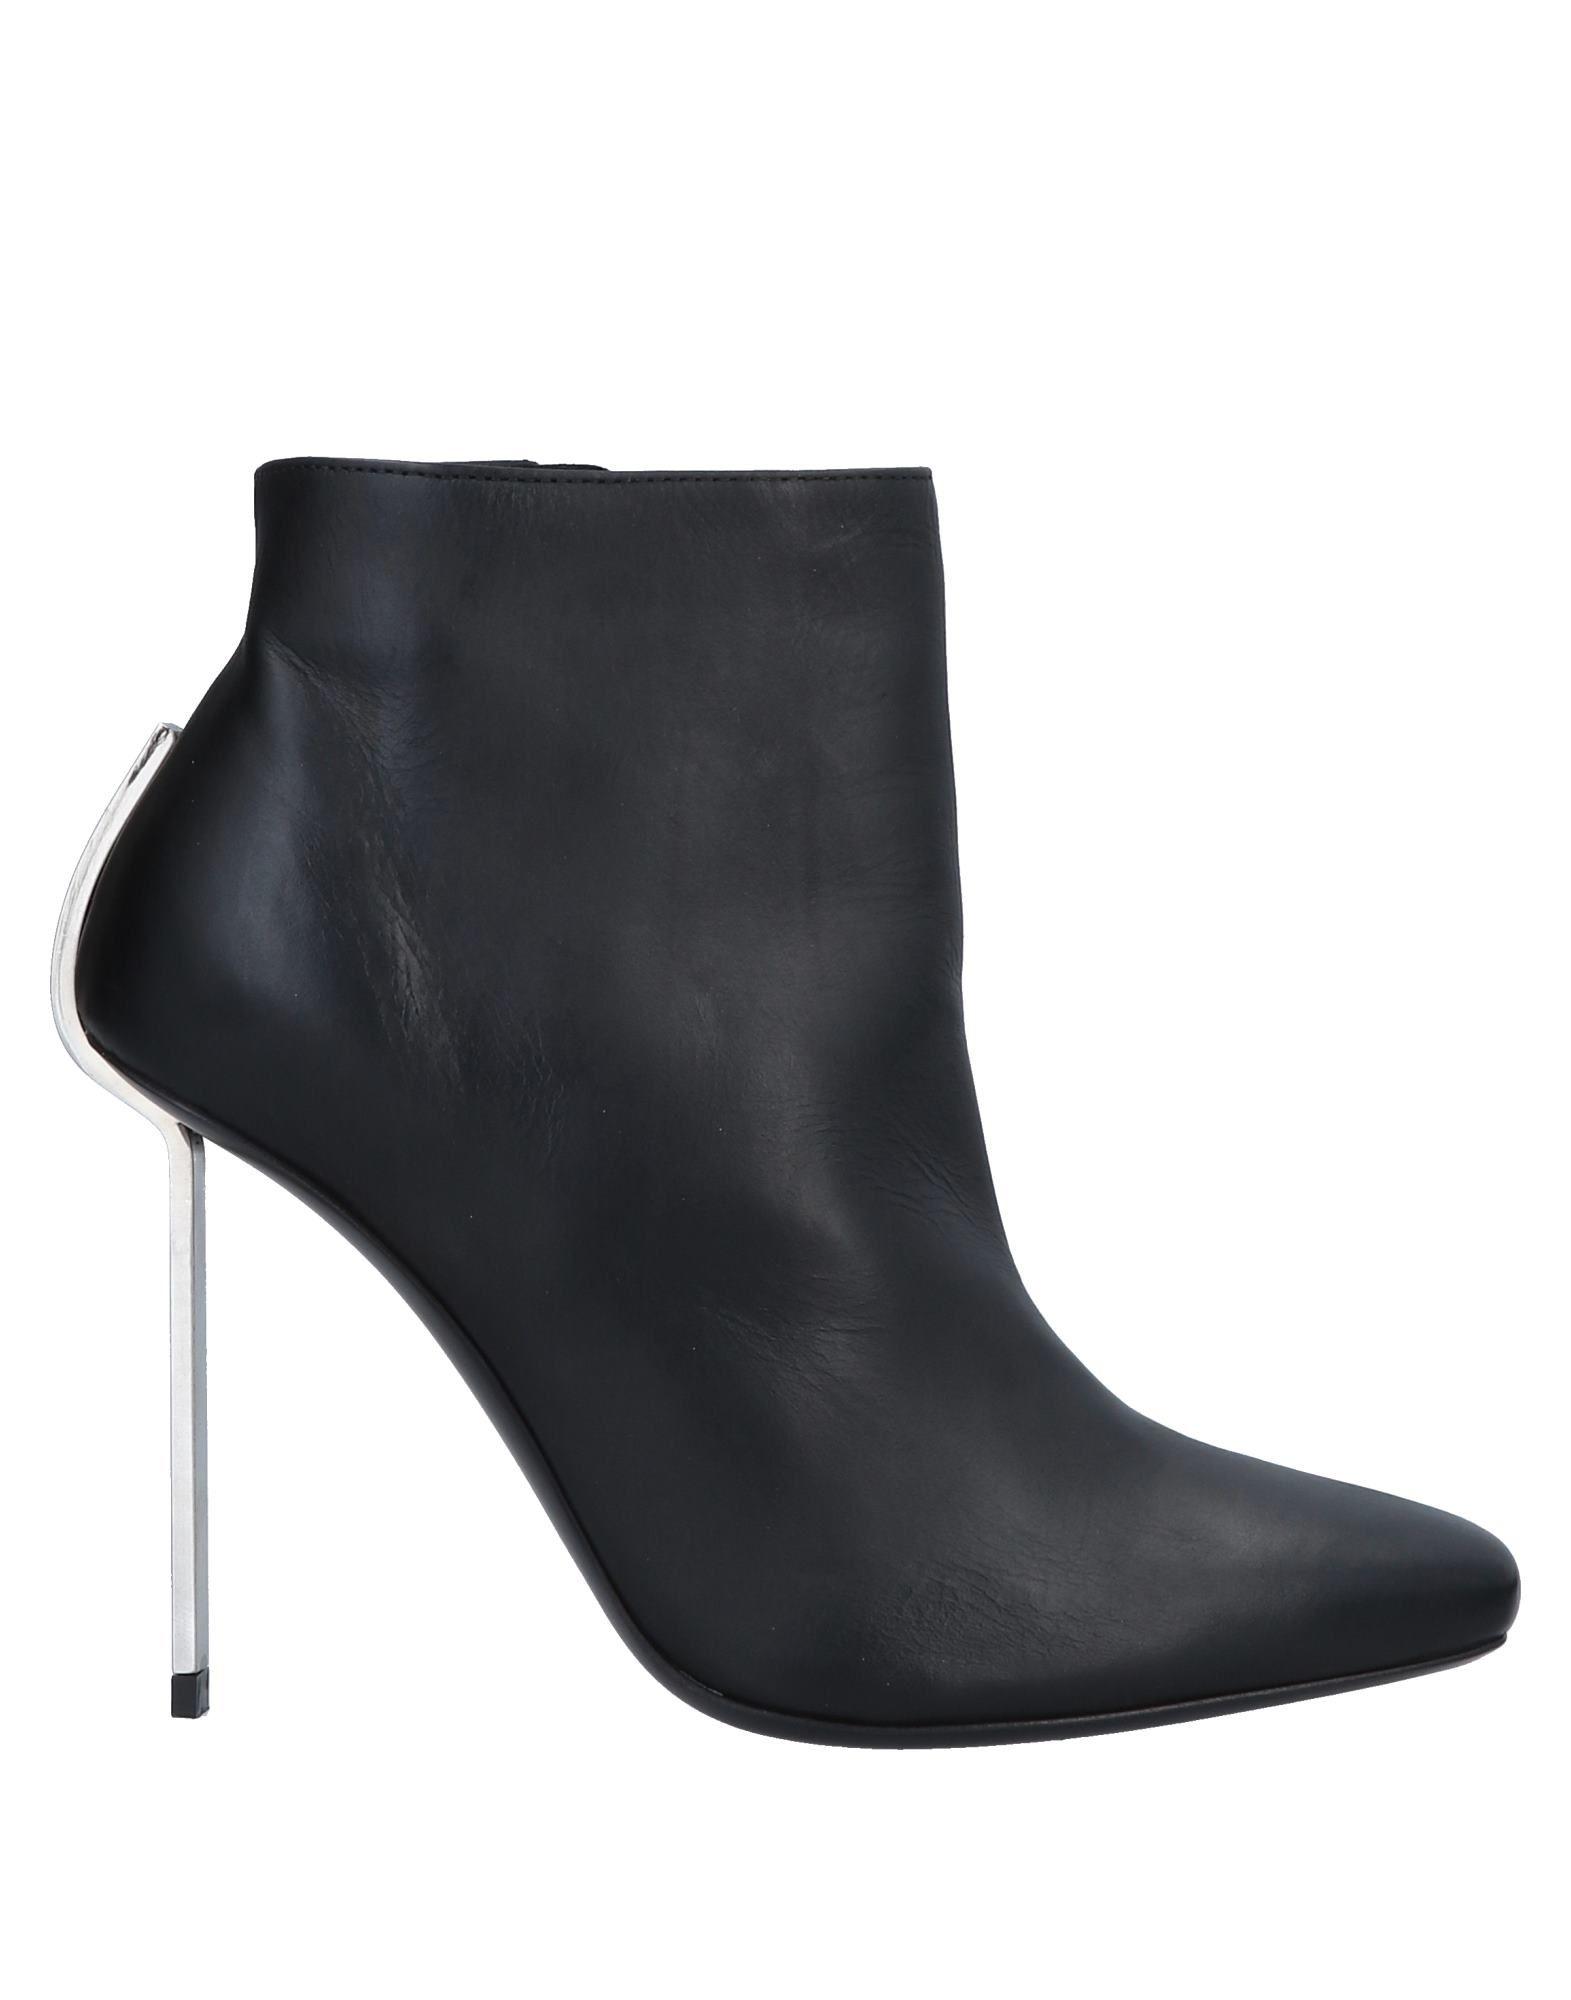 Bottine Vic Matiē Femme - Bottines Vic Matiē Noir Nouvelles chaussures pour hommes et femmes, remise limitée dans le temps